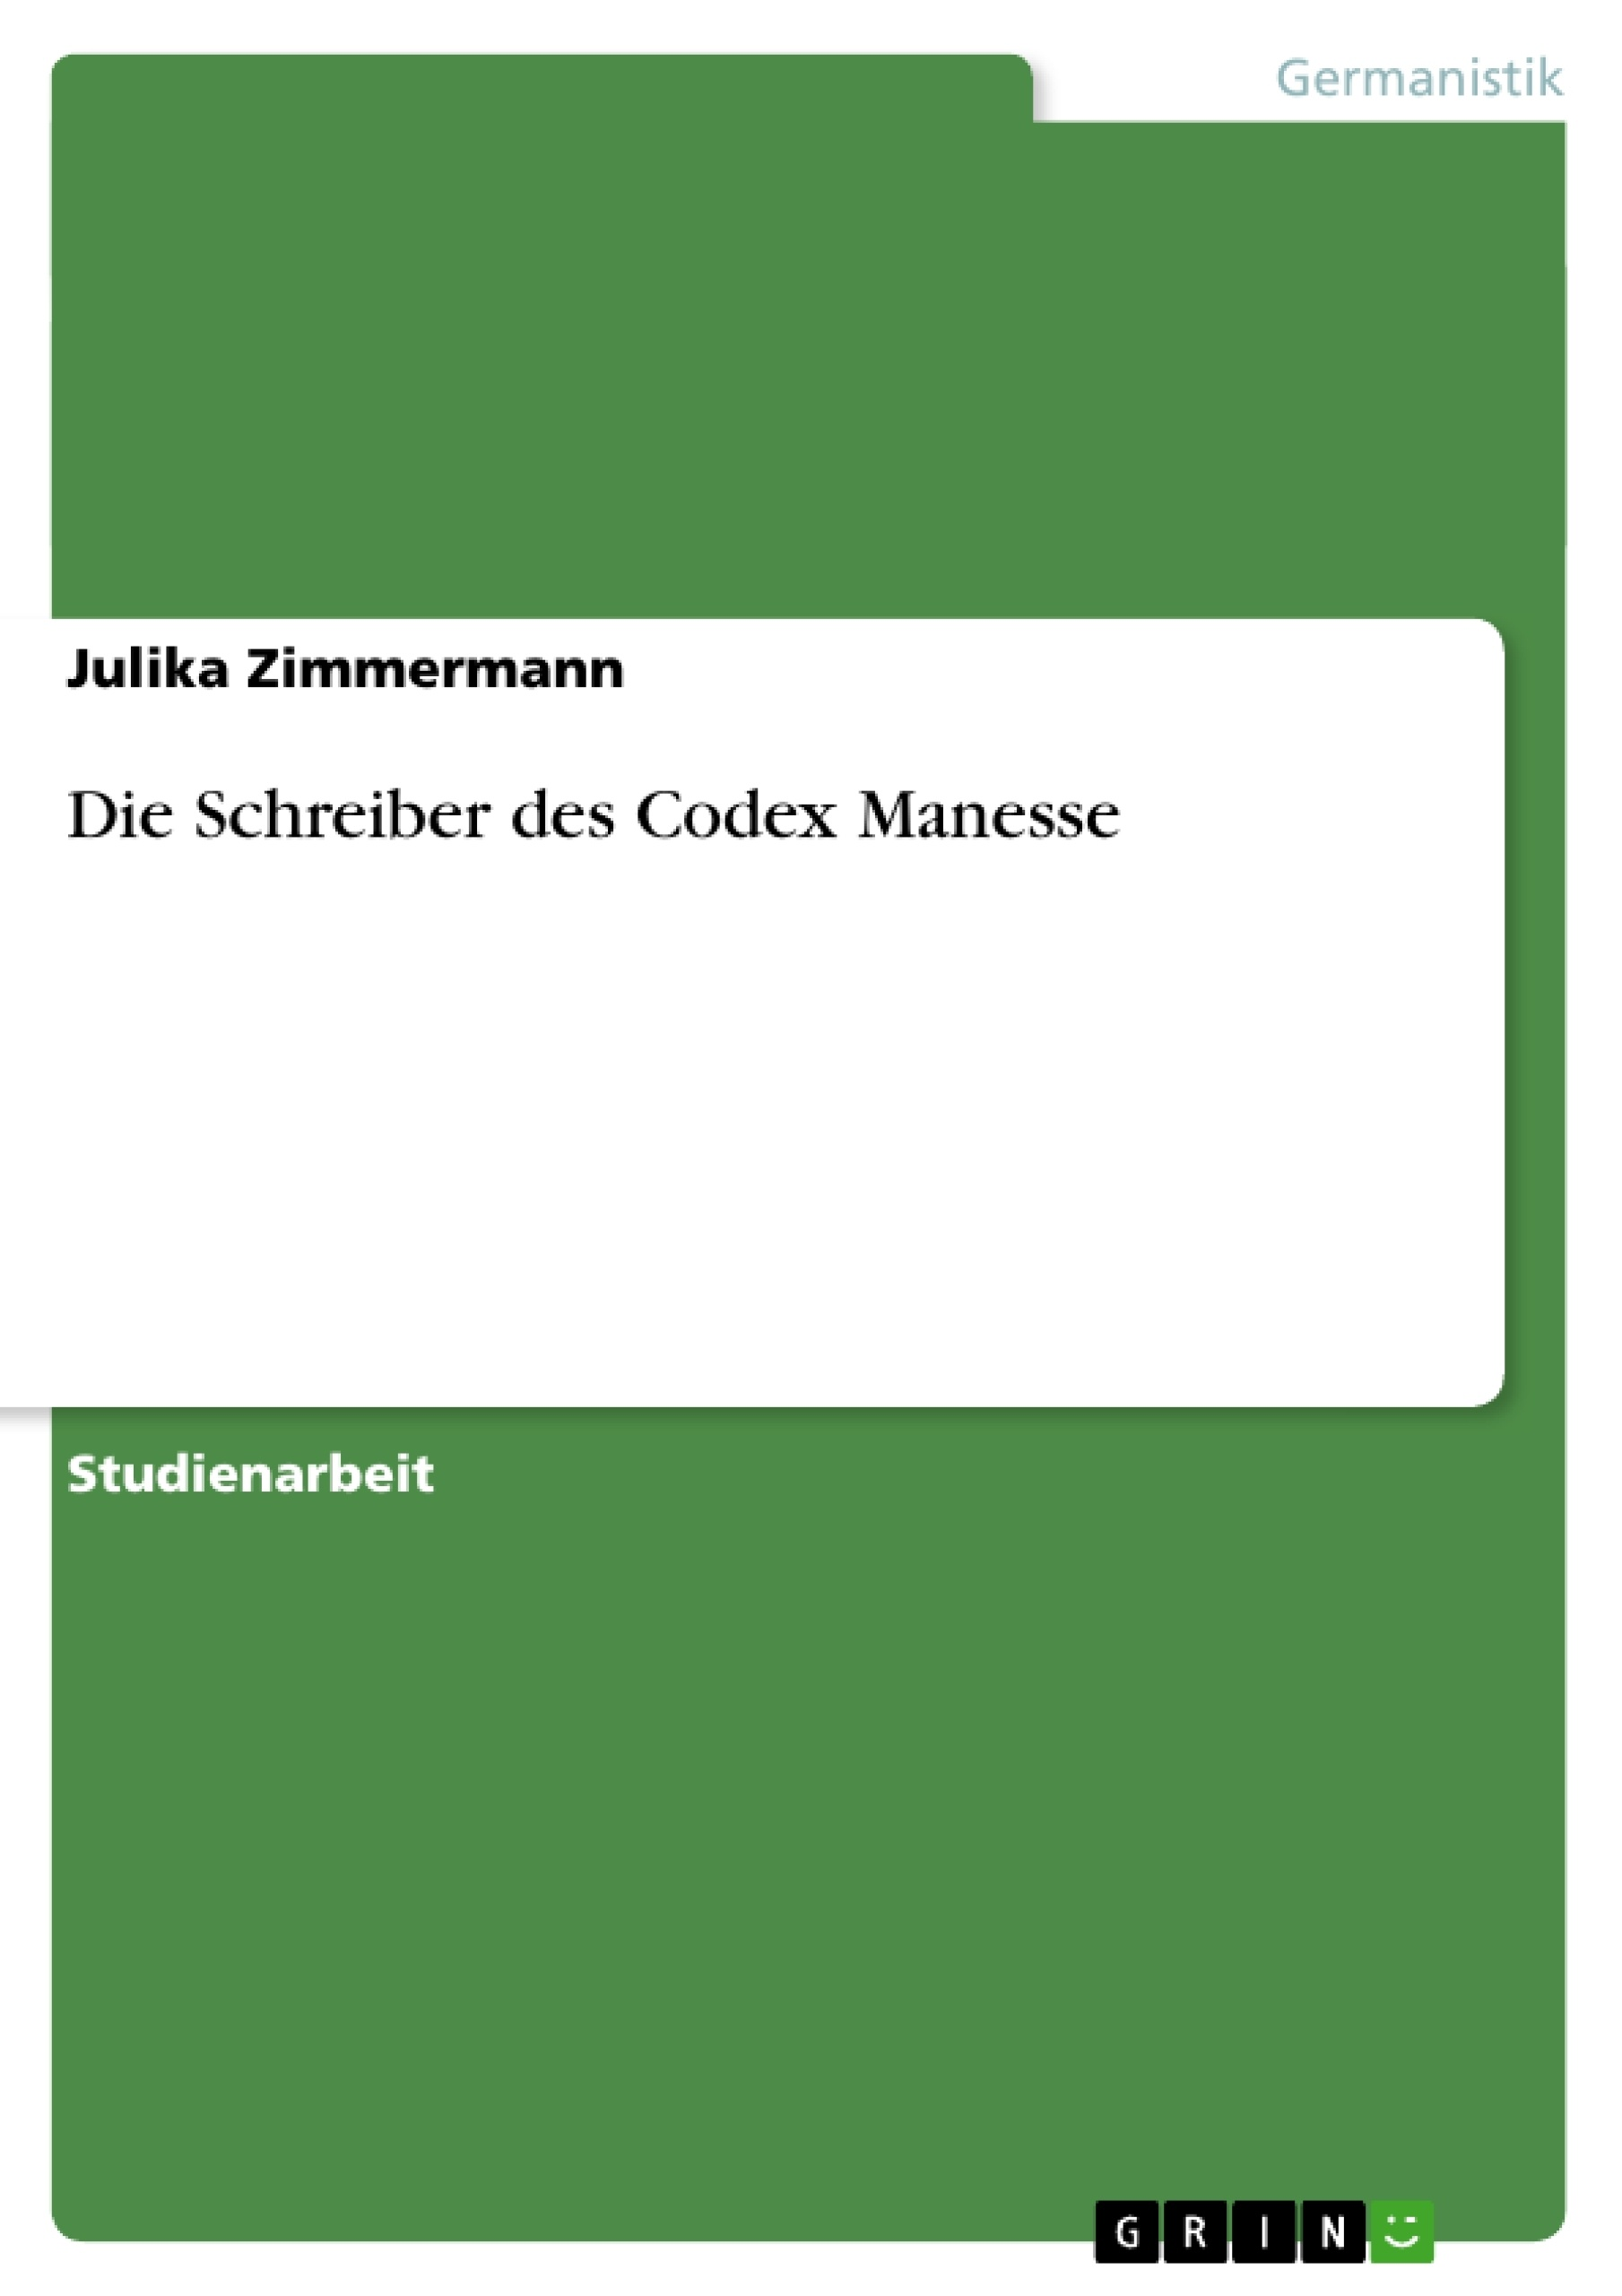 Die Schreiber des Codex Manesse | Masterarbeit, Hausarbeit ...